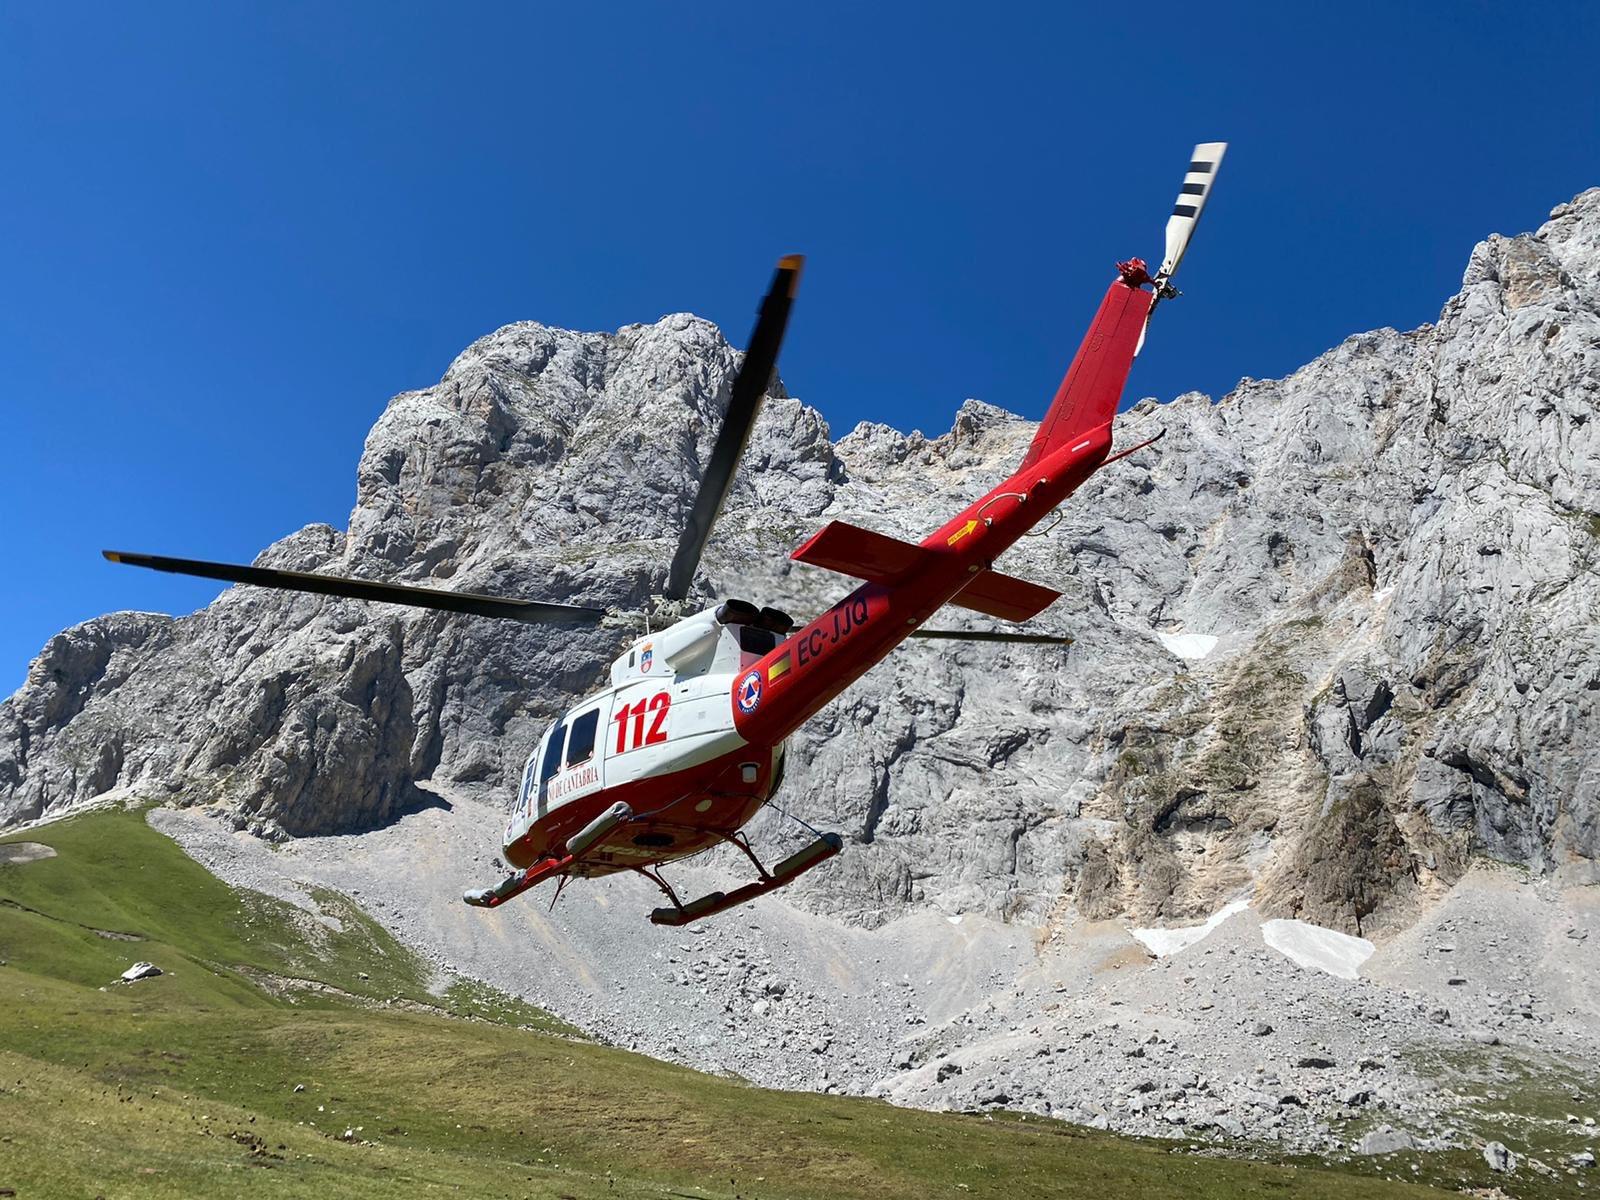 Foto de archivo de un rescate del helicóptero. Pulse para verlo más grande